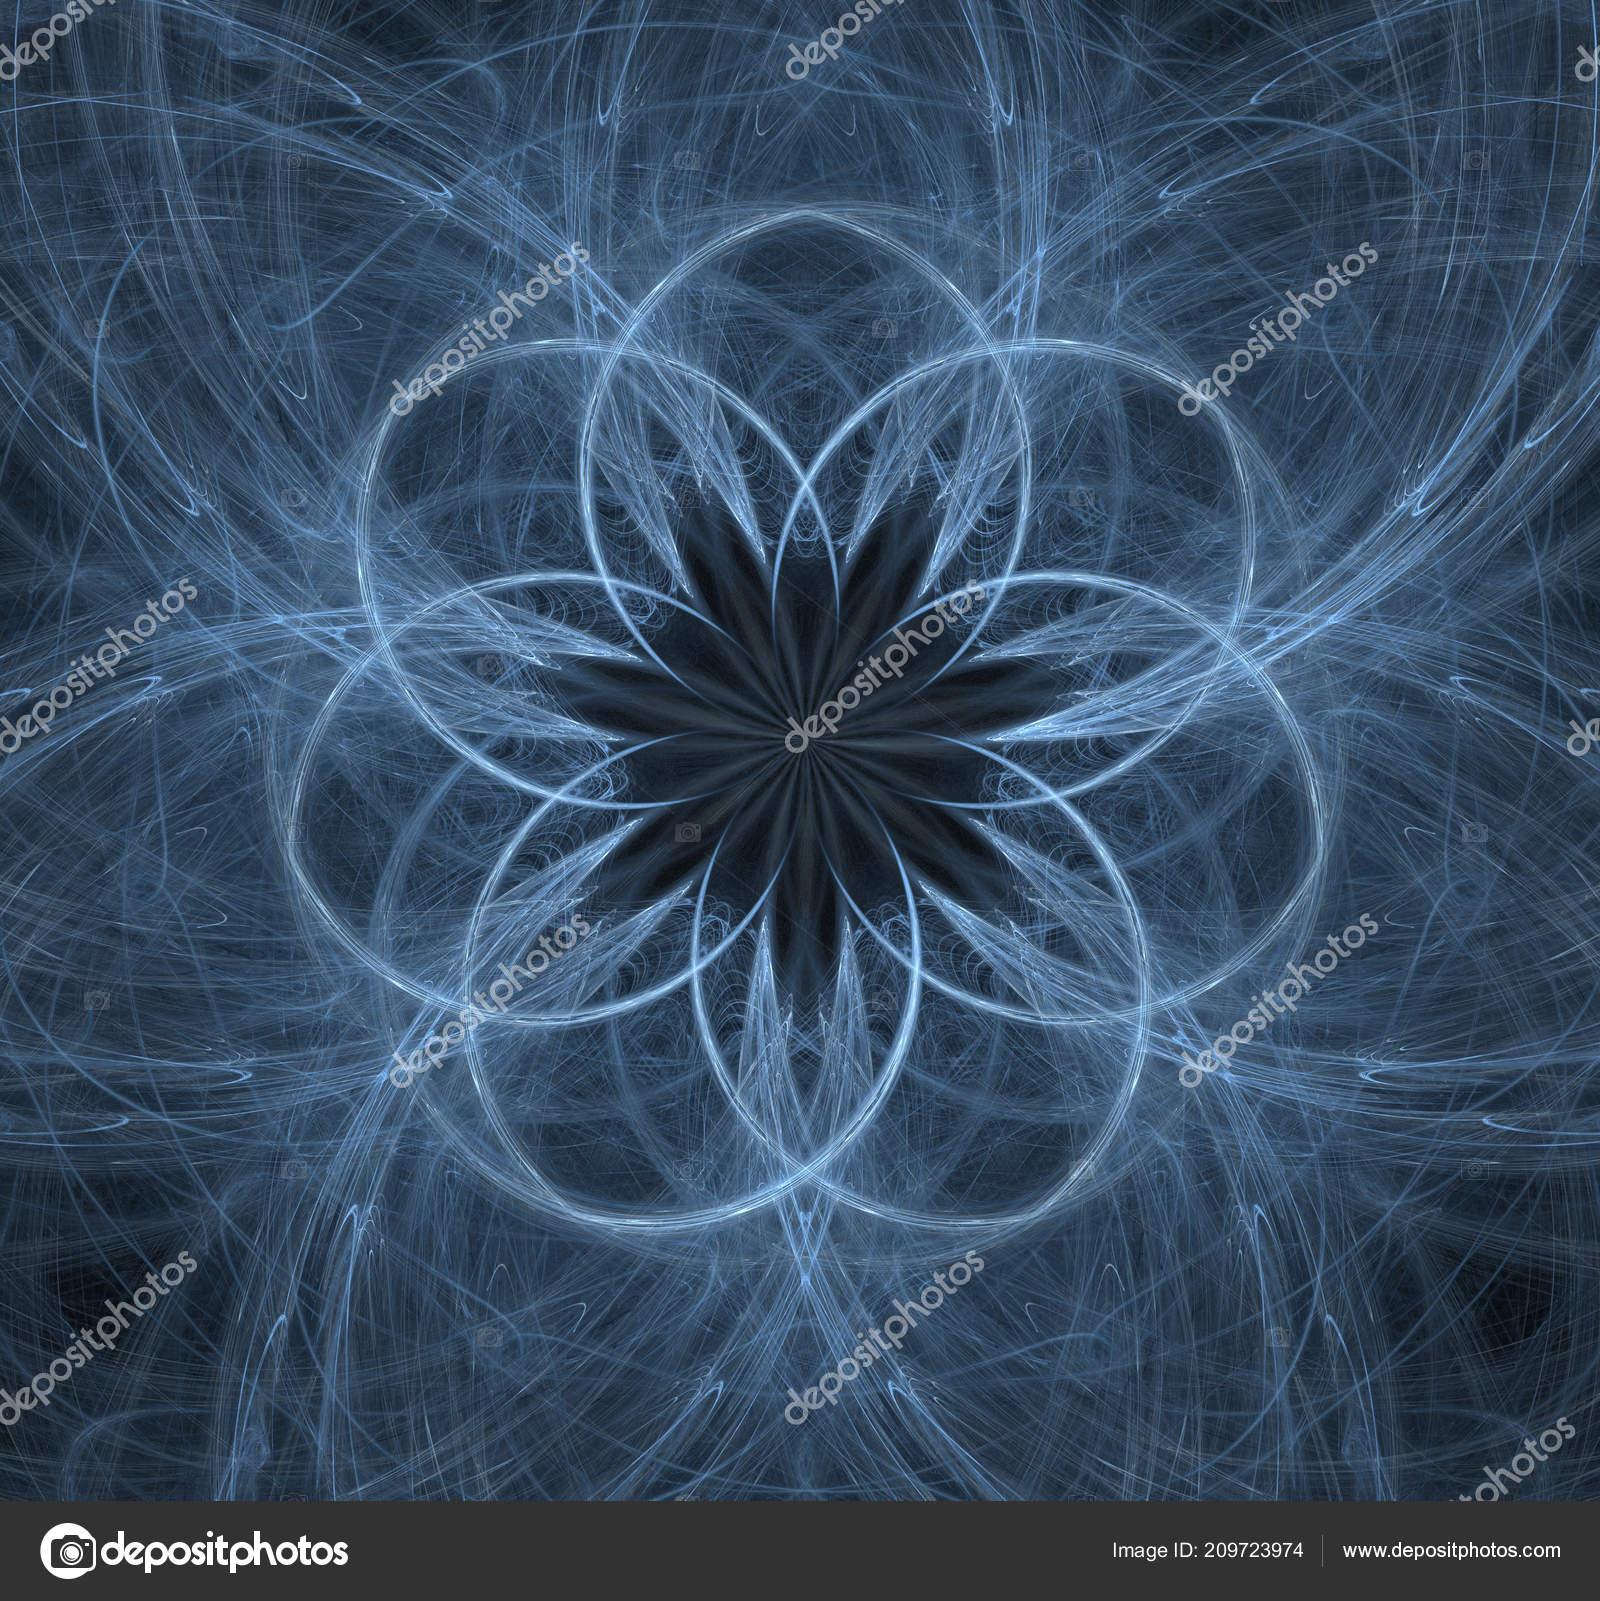 série partículas elementares interação formas fractal abstrato sobre